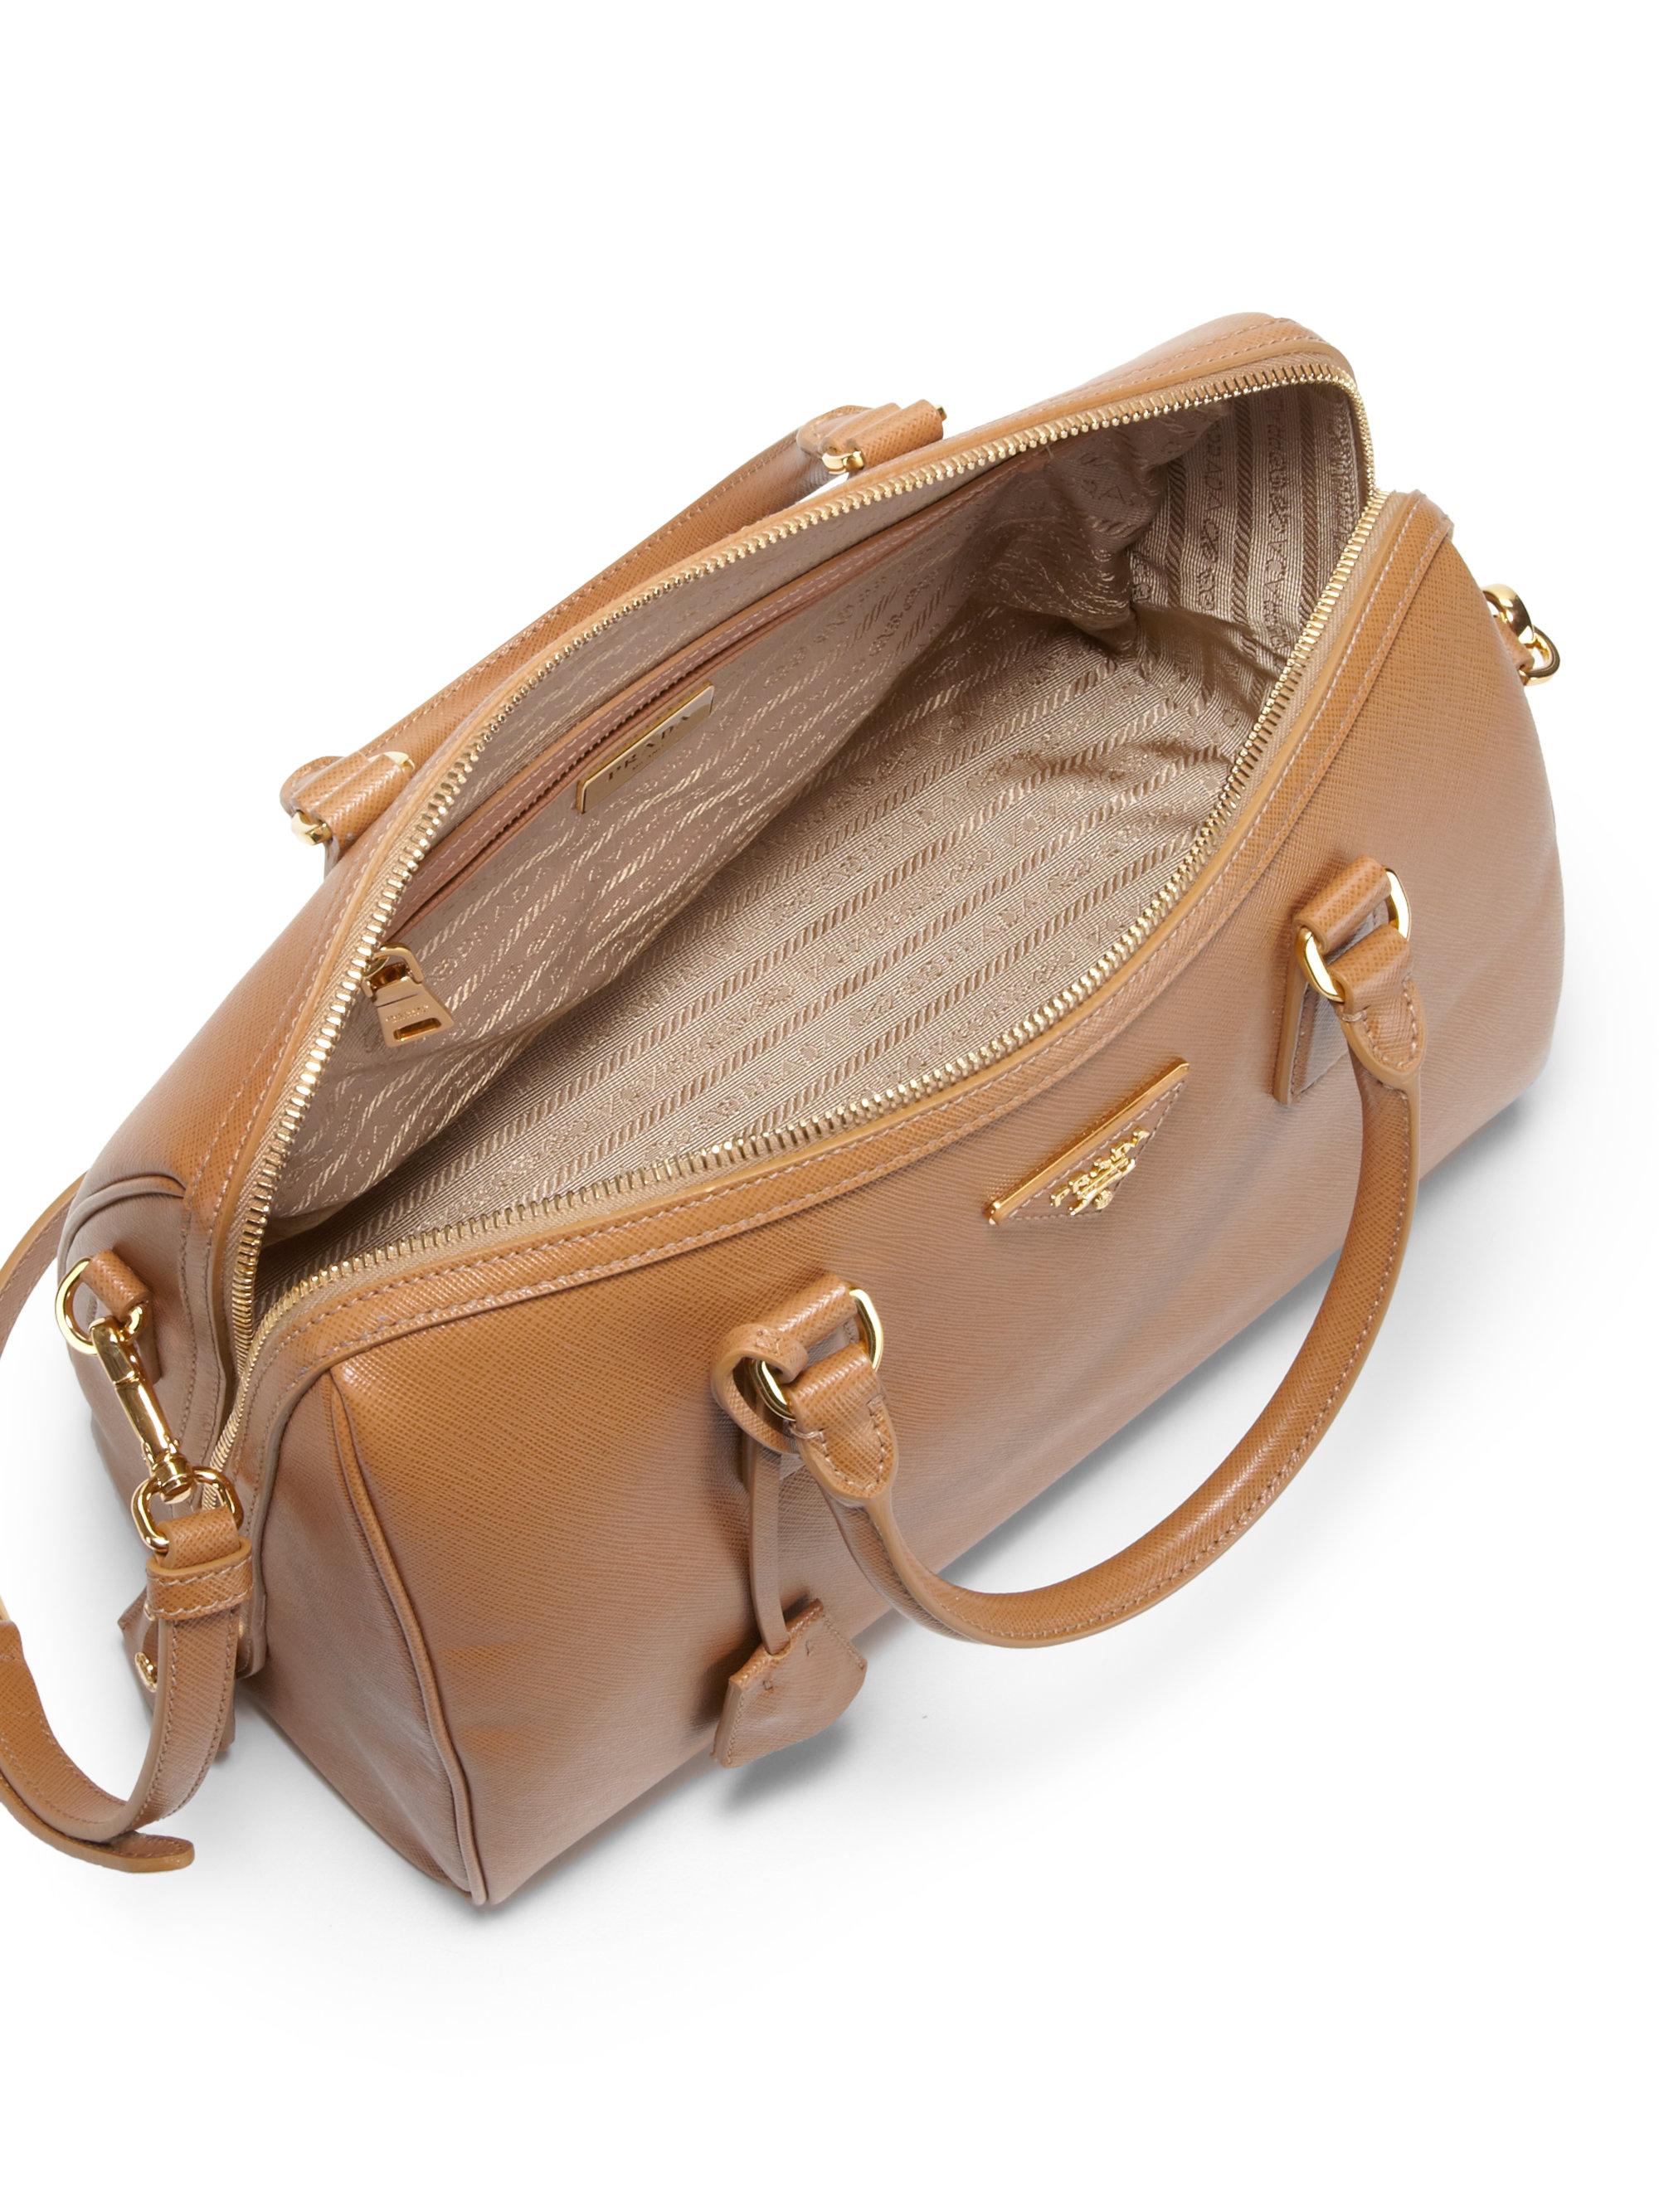 prada brown leather bowler bag prada messenger bag black